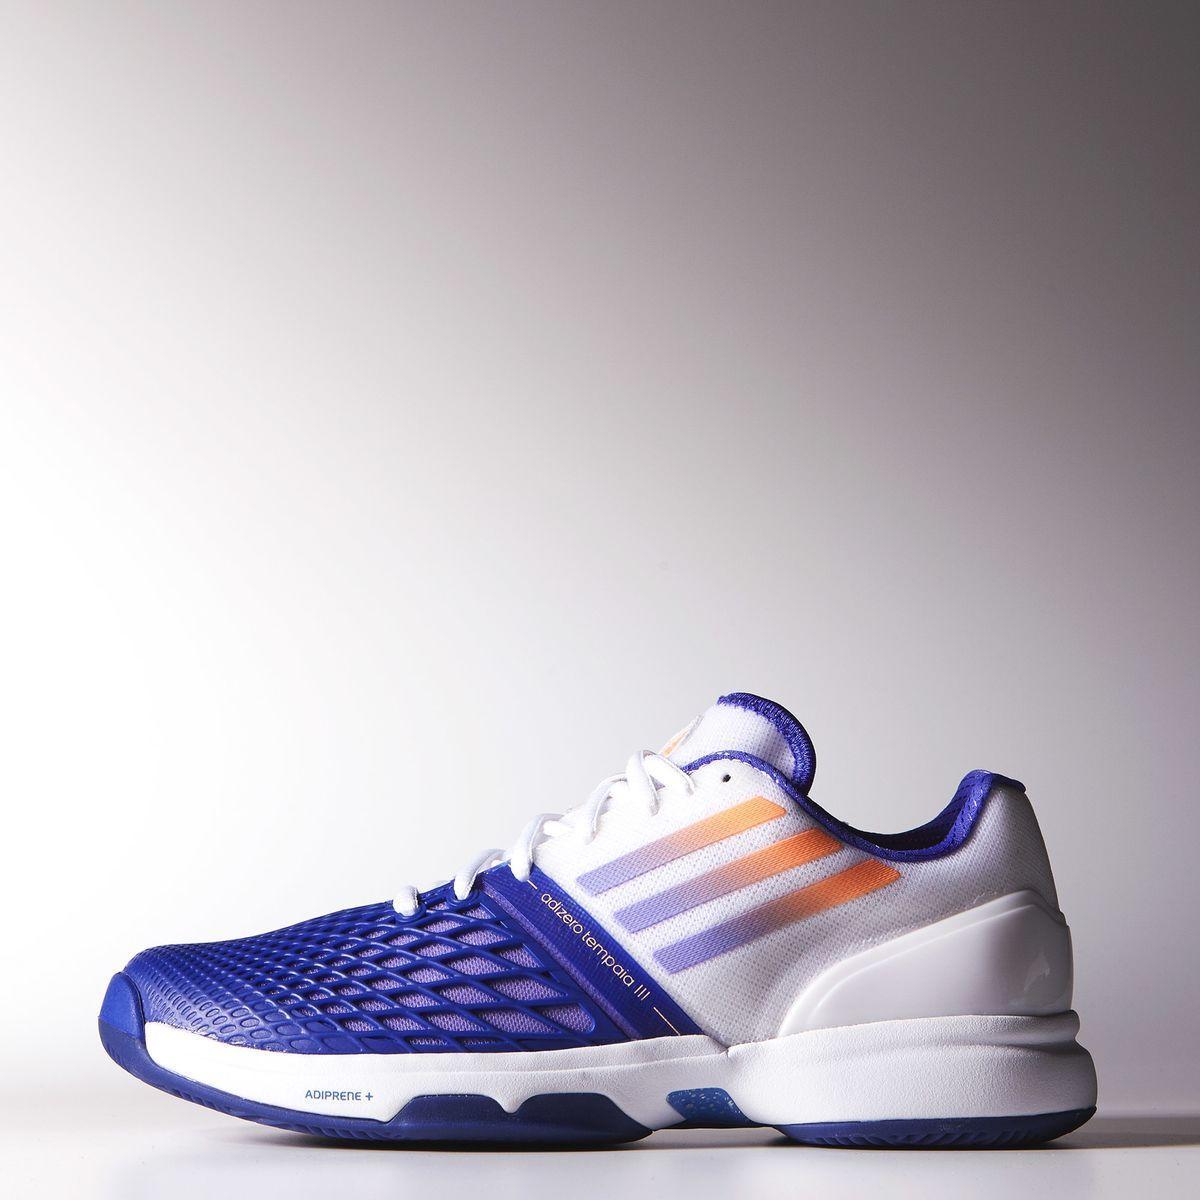 50c9402b23fd Adidas Womens CC Adizero Tempaia 3 Tennis Shoes - White Purple -  Tennisnuts.com